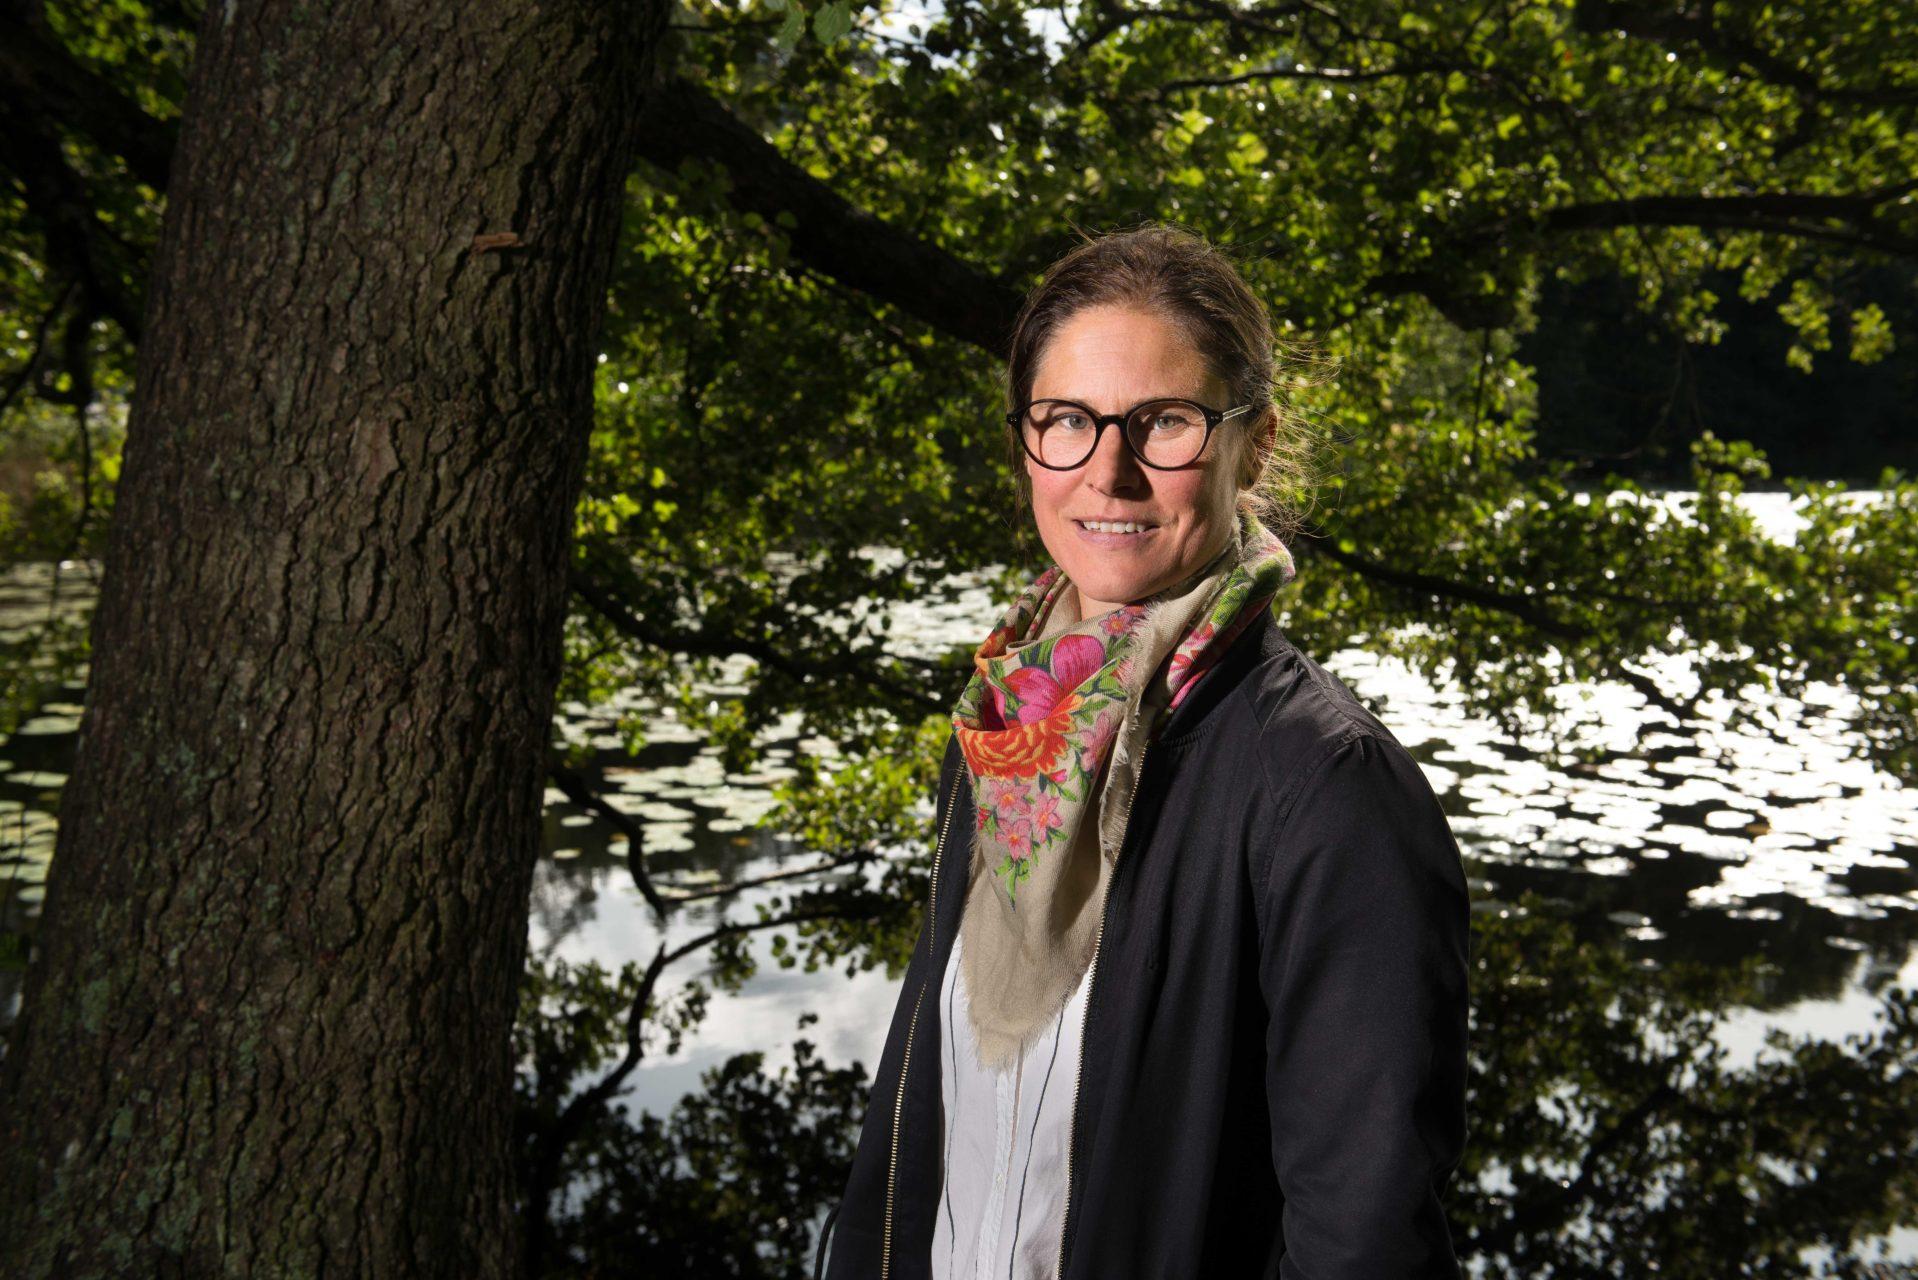 Johanna Sandahl är Naturskyddsföreningens ordförande. Jag fotograferade henne på uppdrag av Skogsstyrelsens tidning SkogsEko #3 2017.